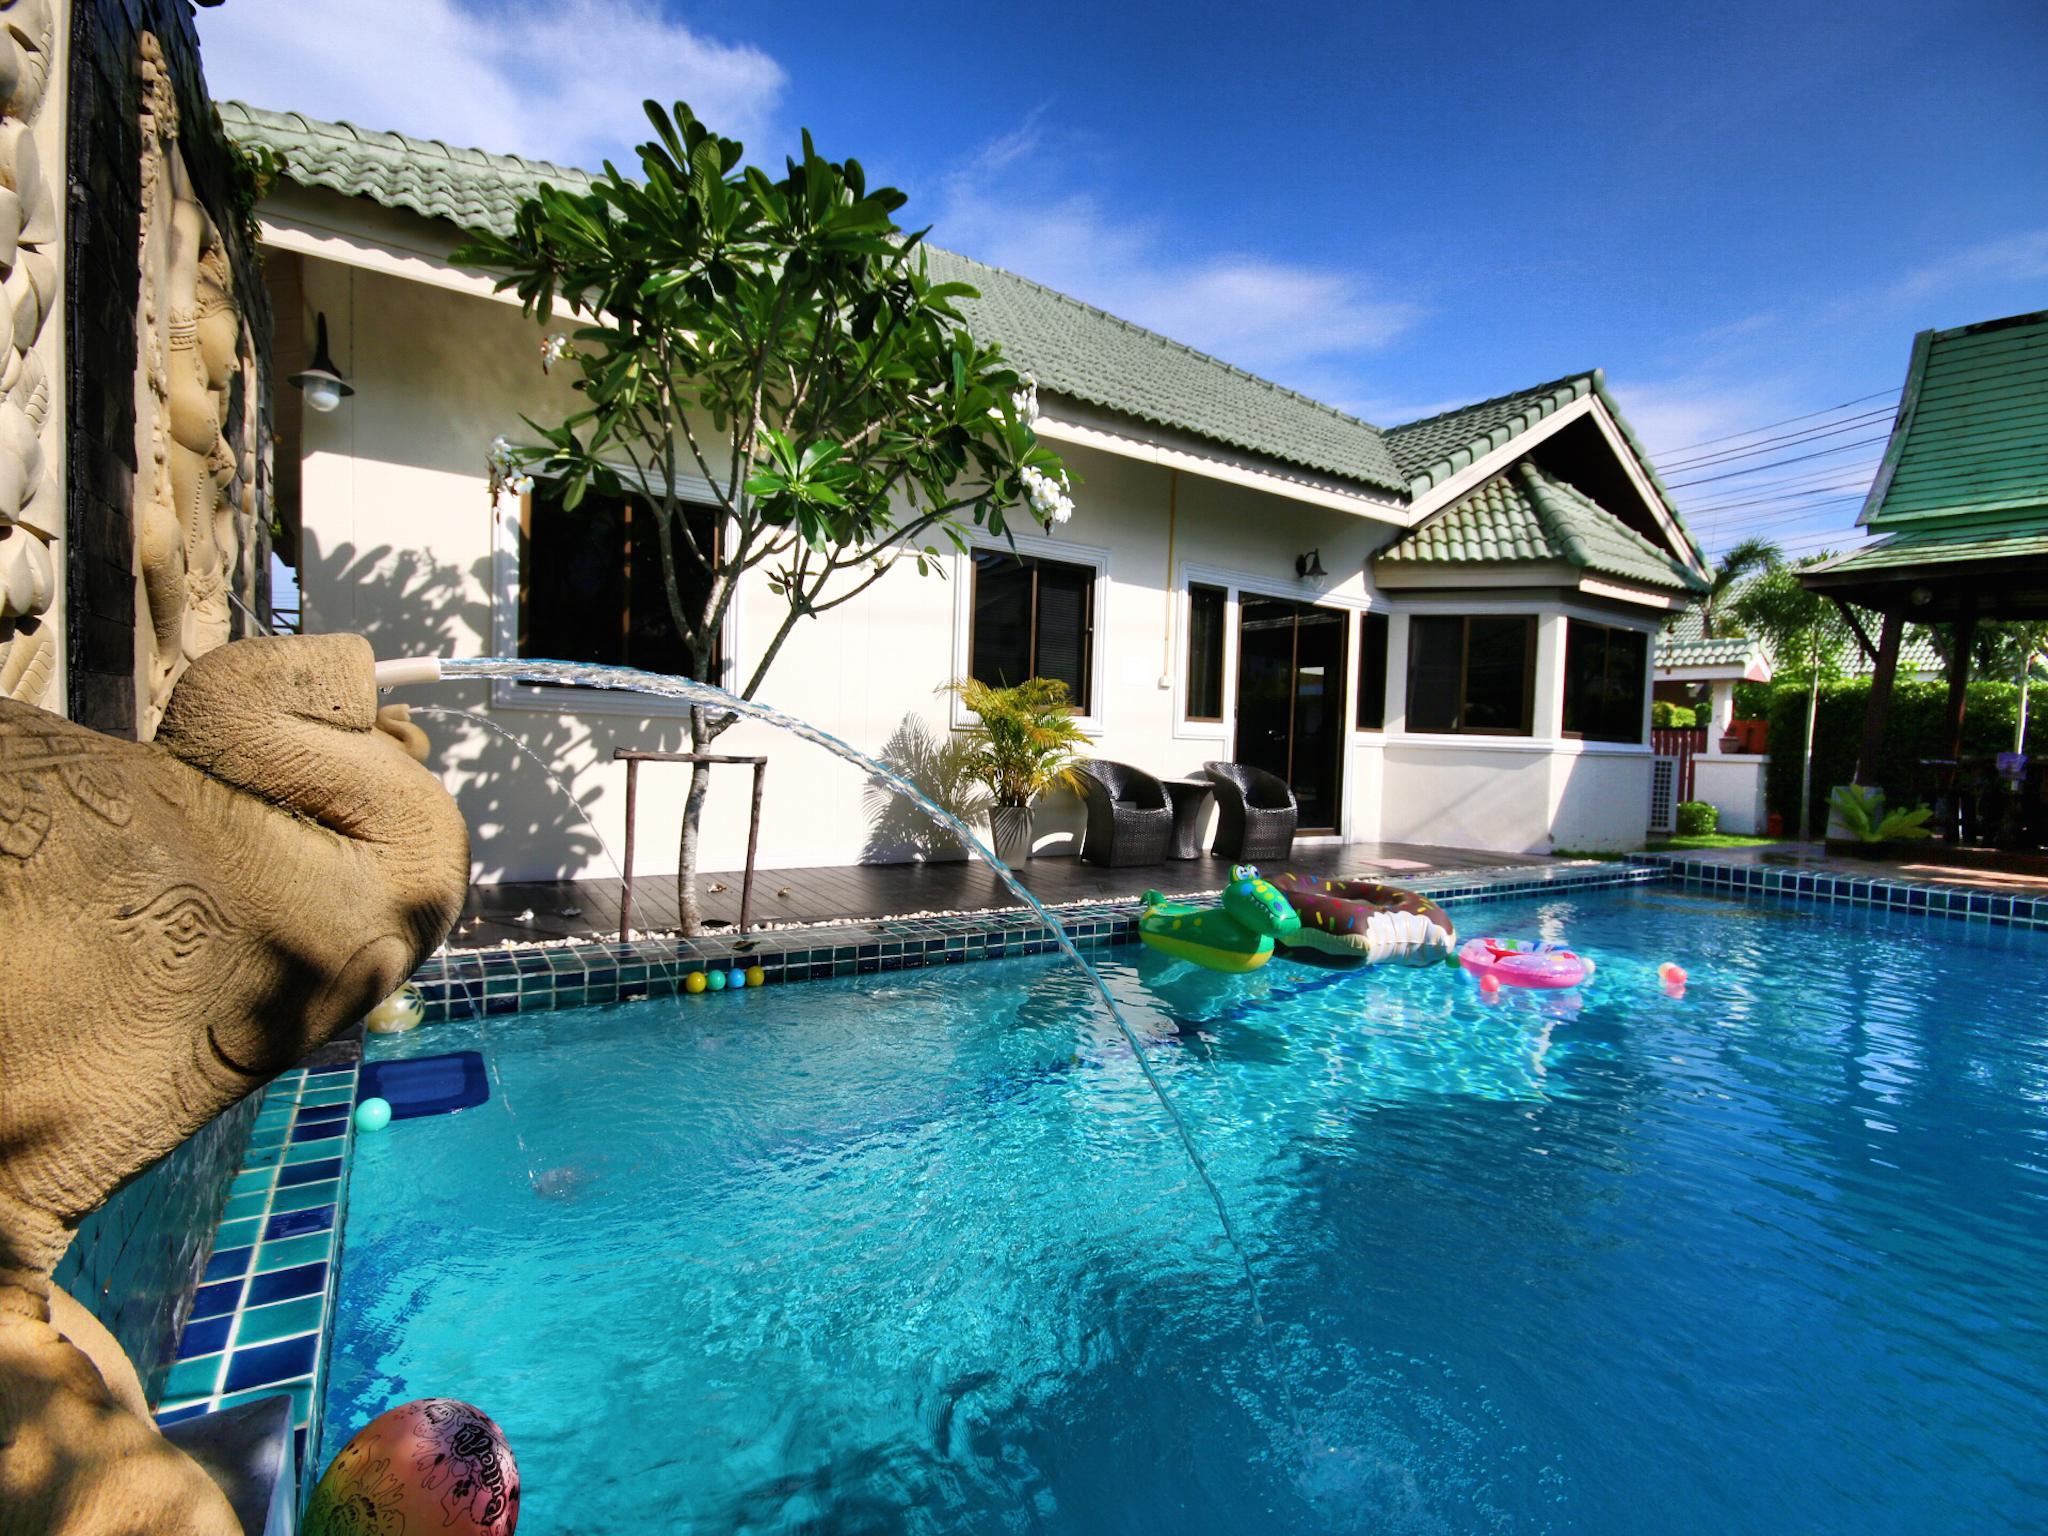 The Siam Place Pool Villa